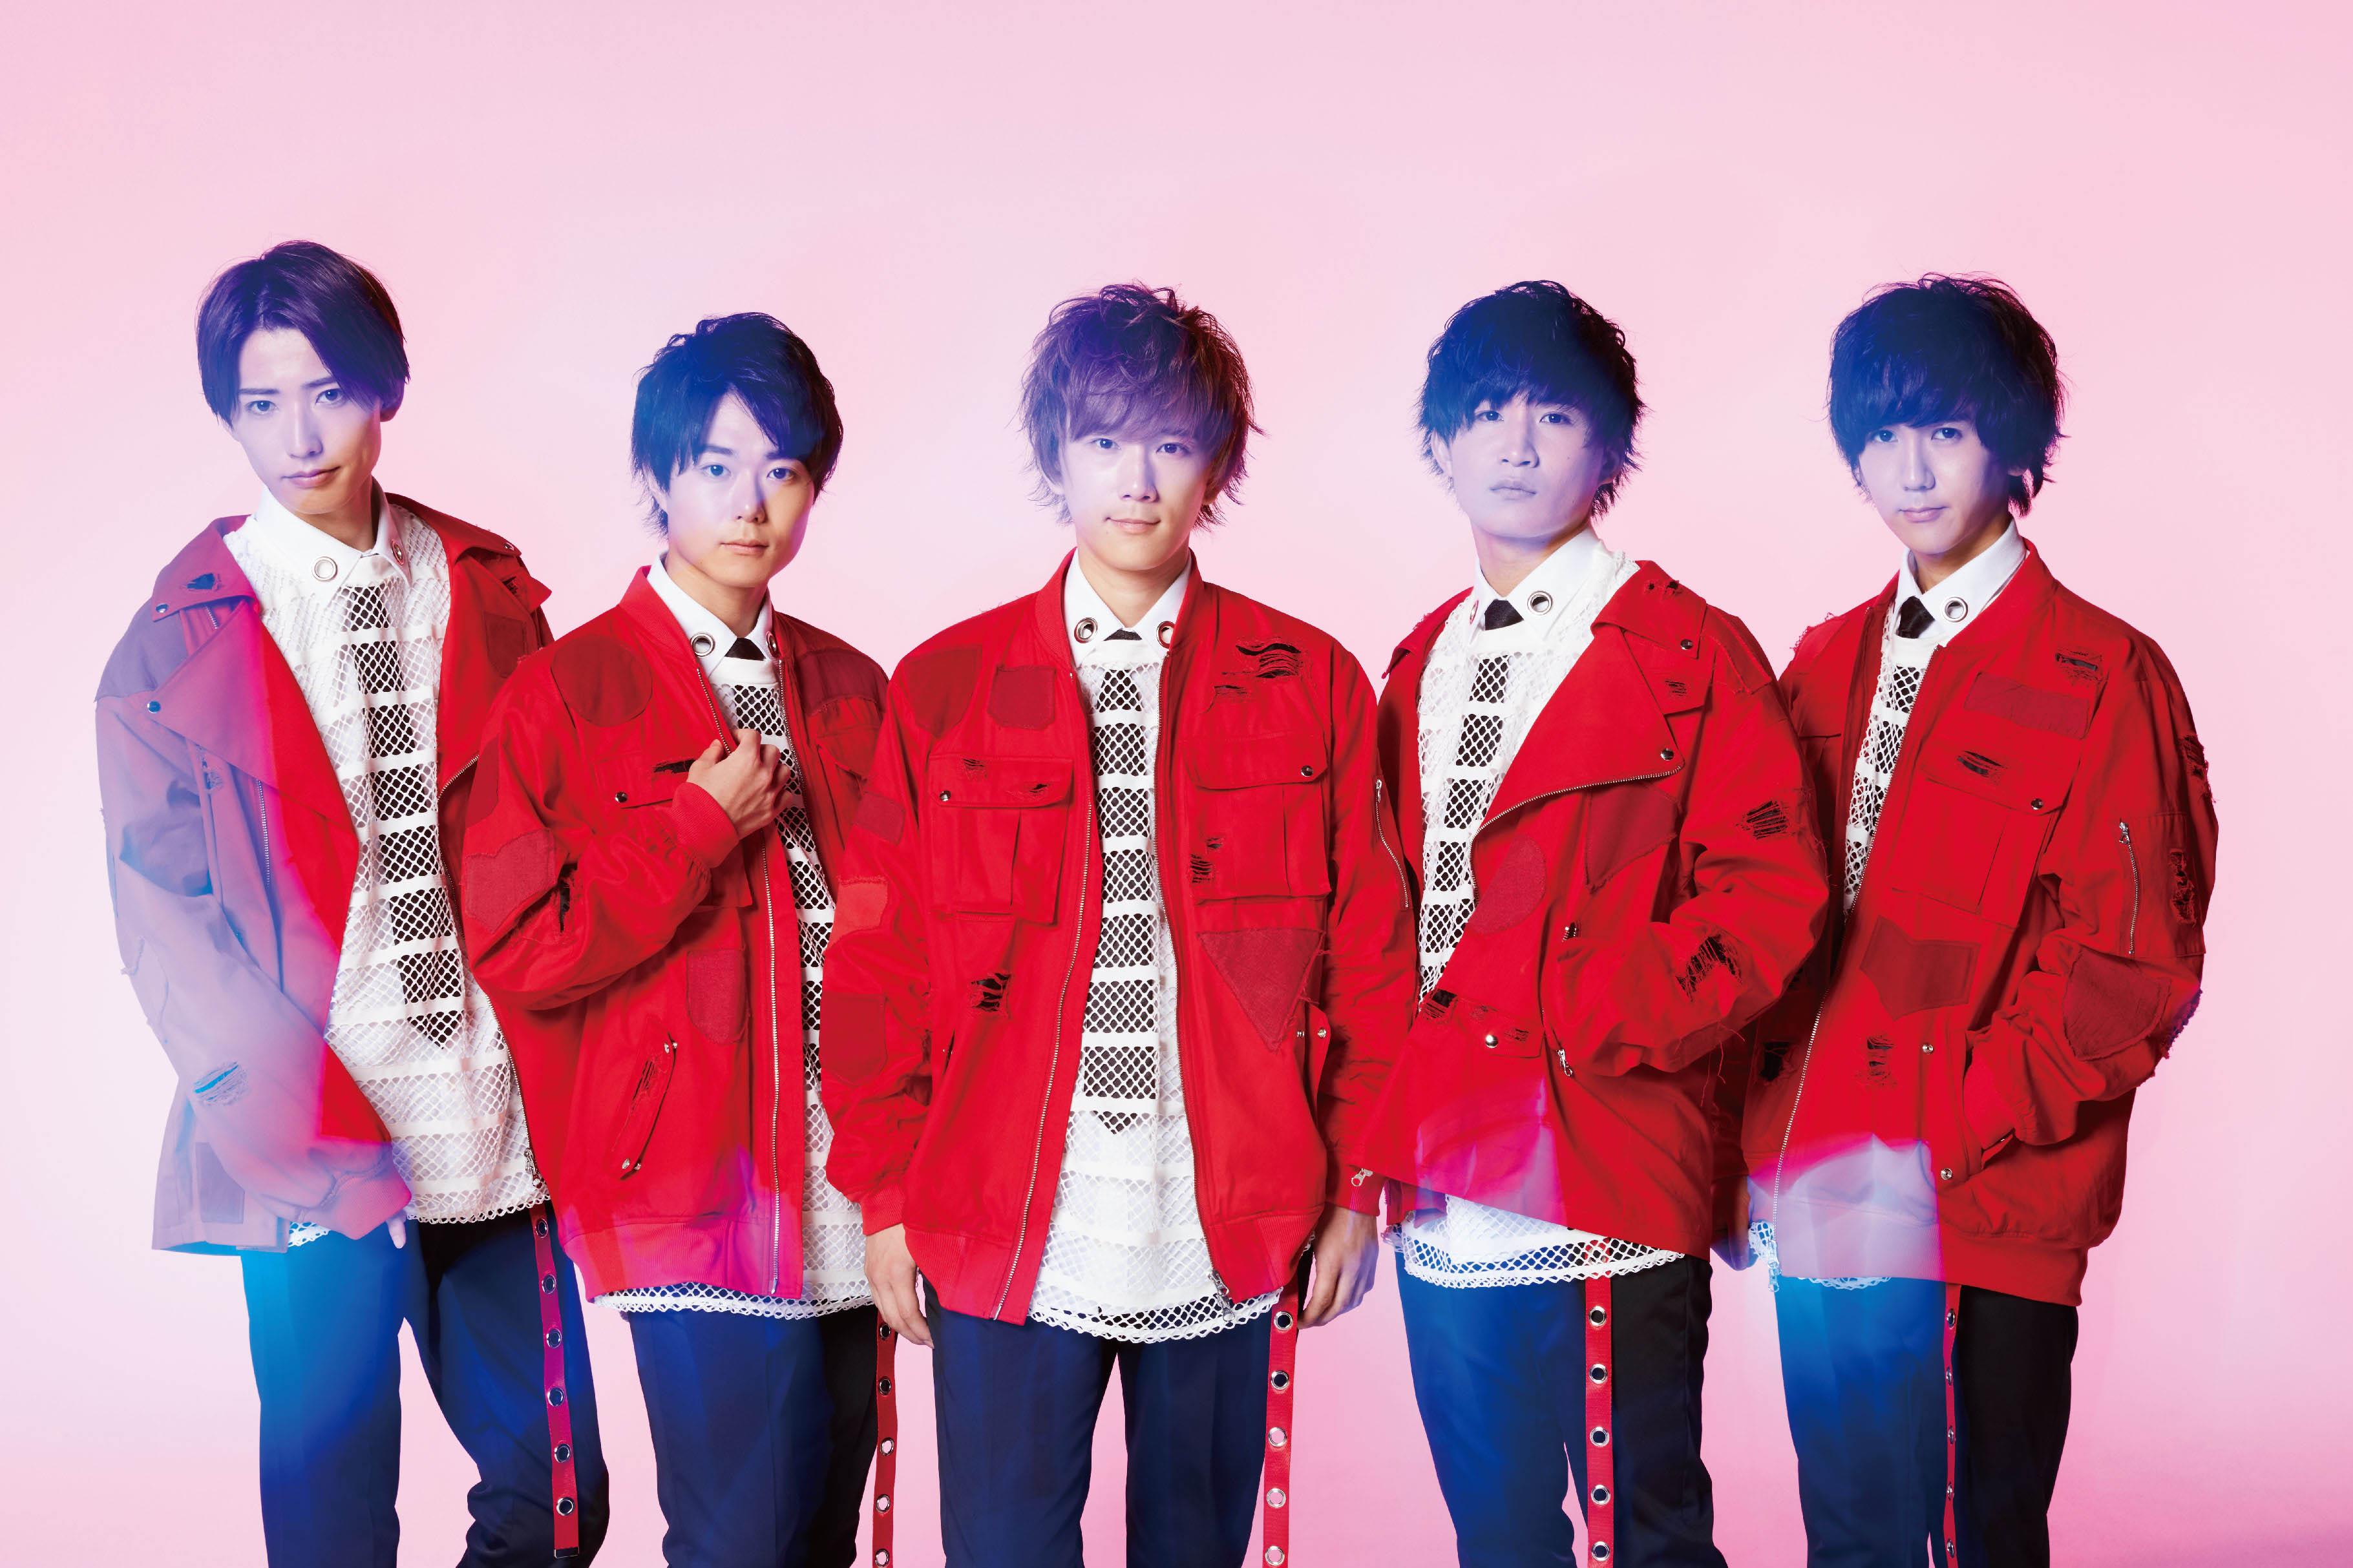 【NEWS】WWWワンマンに向けて、10月16日(月)より毎日、カウントダウンLINE LIVE配信決定!